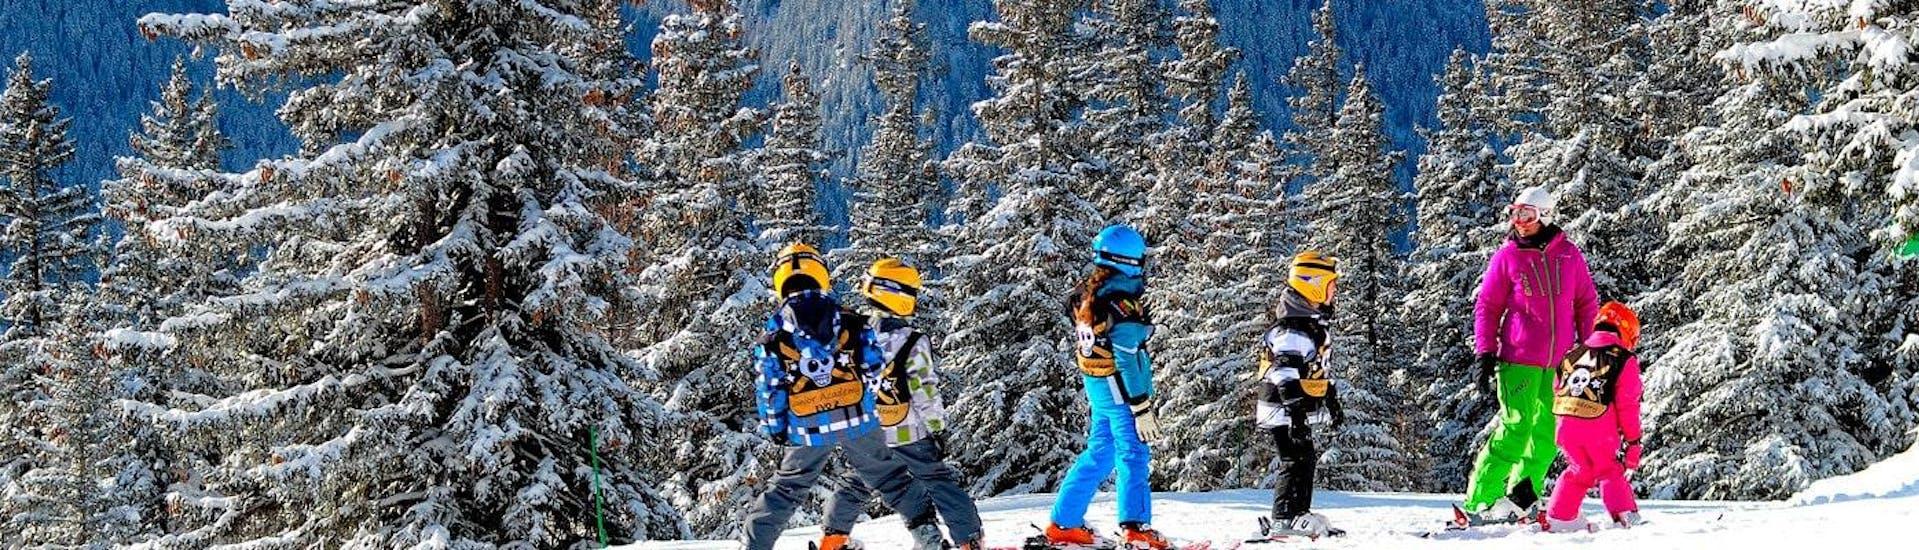 Des enfants apprennent à skier pendant leur Cours de ski pour Enfants (6-18 ans) - Tous niveaux avec l'école de ski Evolution 2 Val d'Isère.